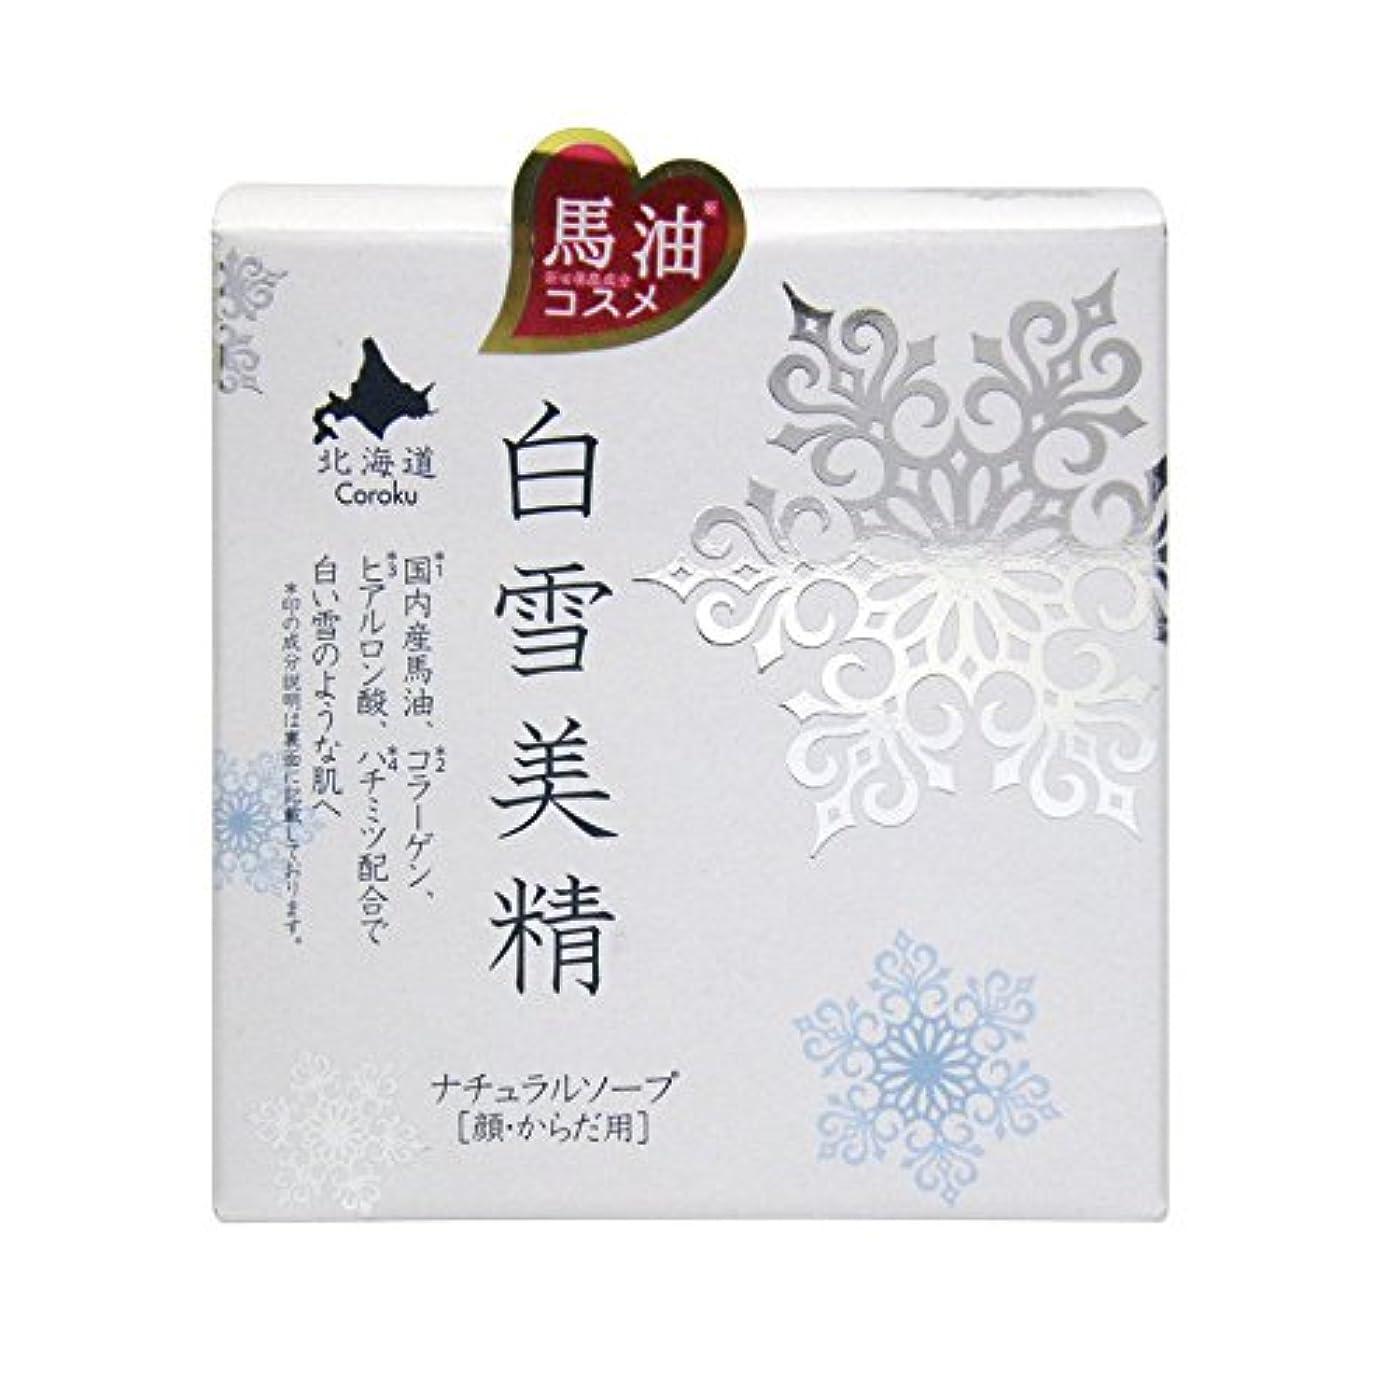 表面的な咳批判的にCoroku 白雪美精 ナチュラルソープ(顔?からだ用) 100g